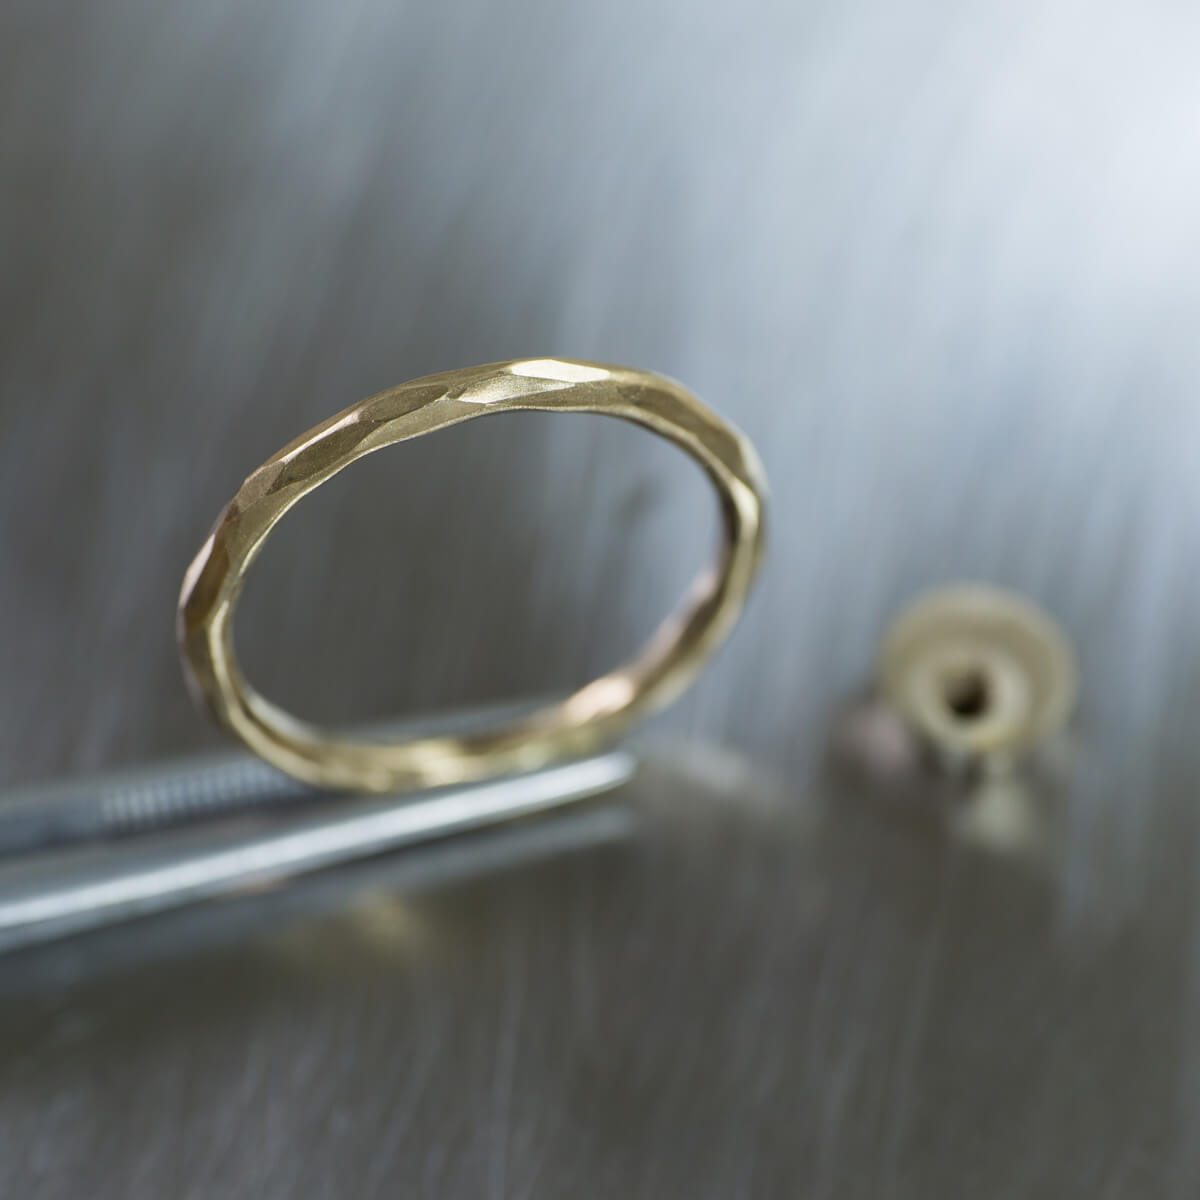 場面2 オーダーメイド結婚指輪の制作風景 ジュエリーのアトリエ シャンパンゴールド 指輪 屋久島でつくる結婚指輪